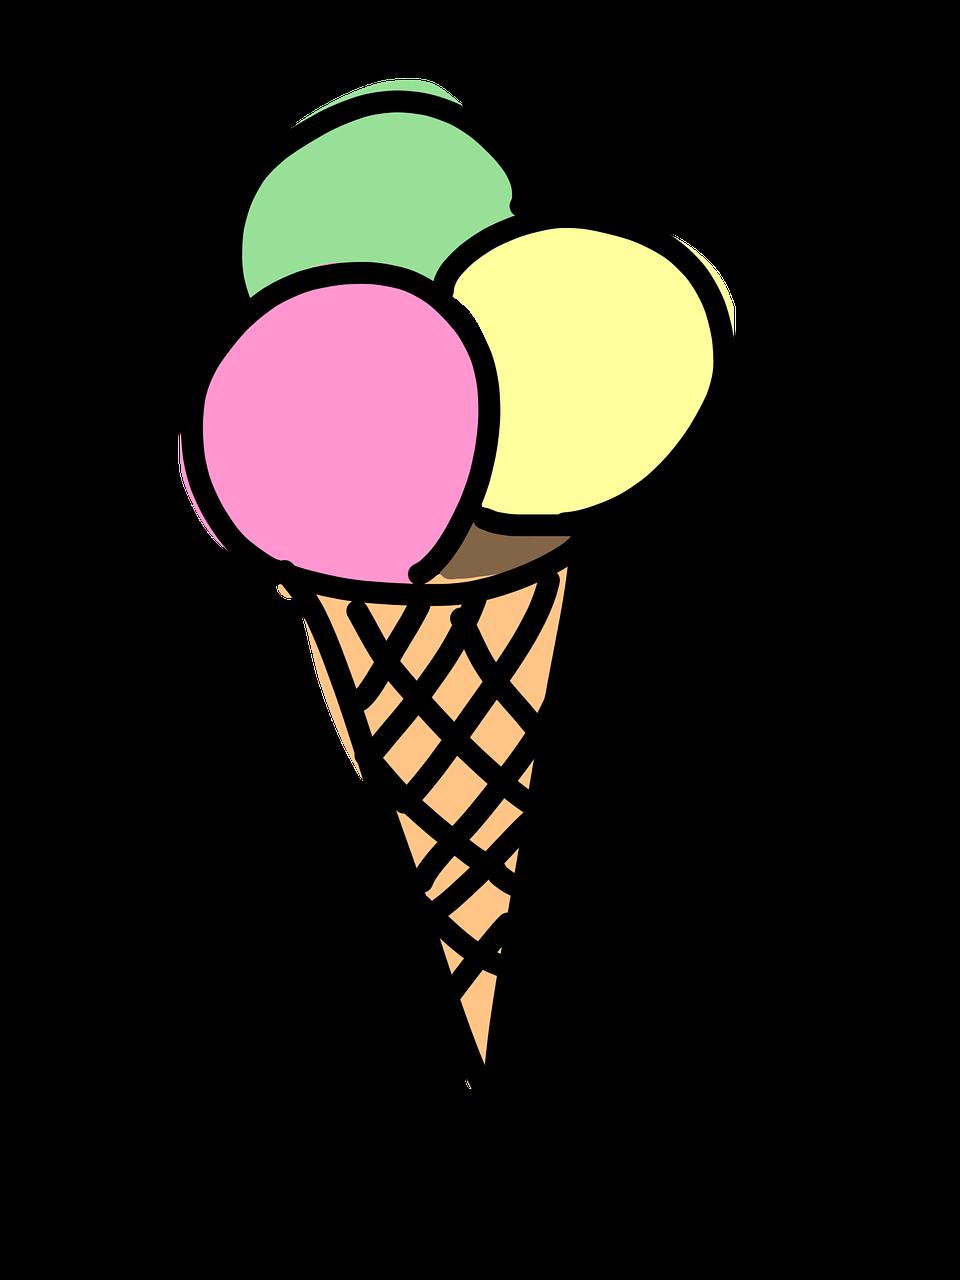 Waffle clipart cone ice cream. Pistachio free photo coneice